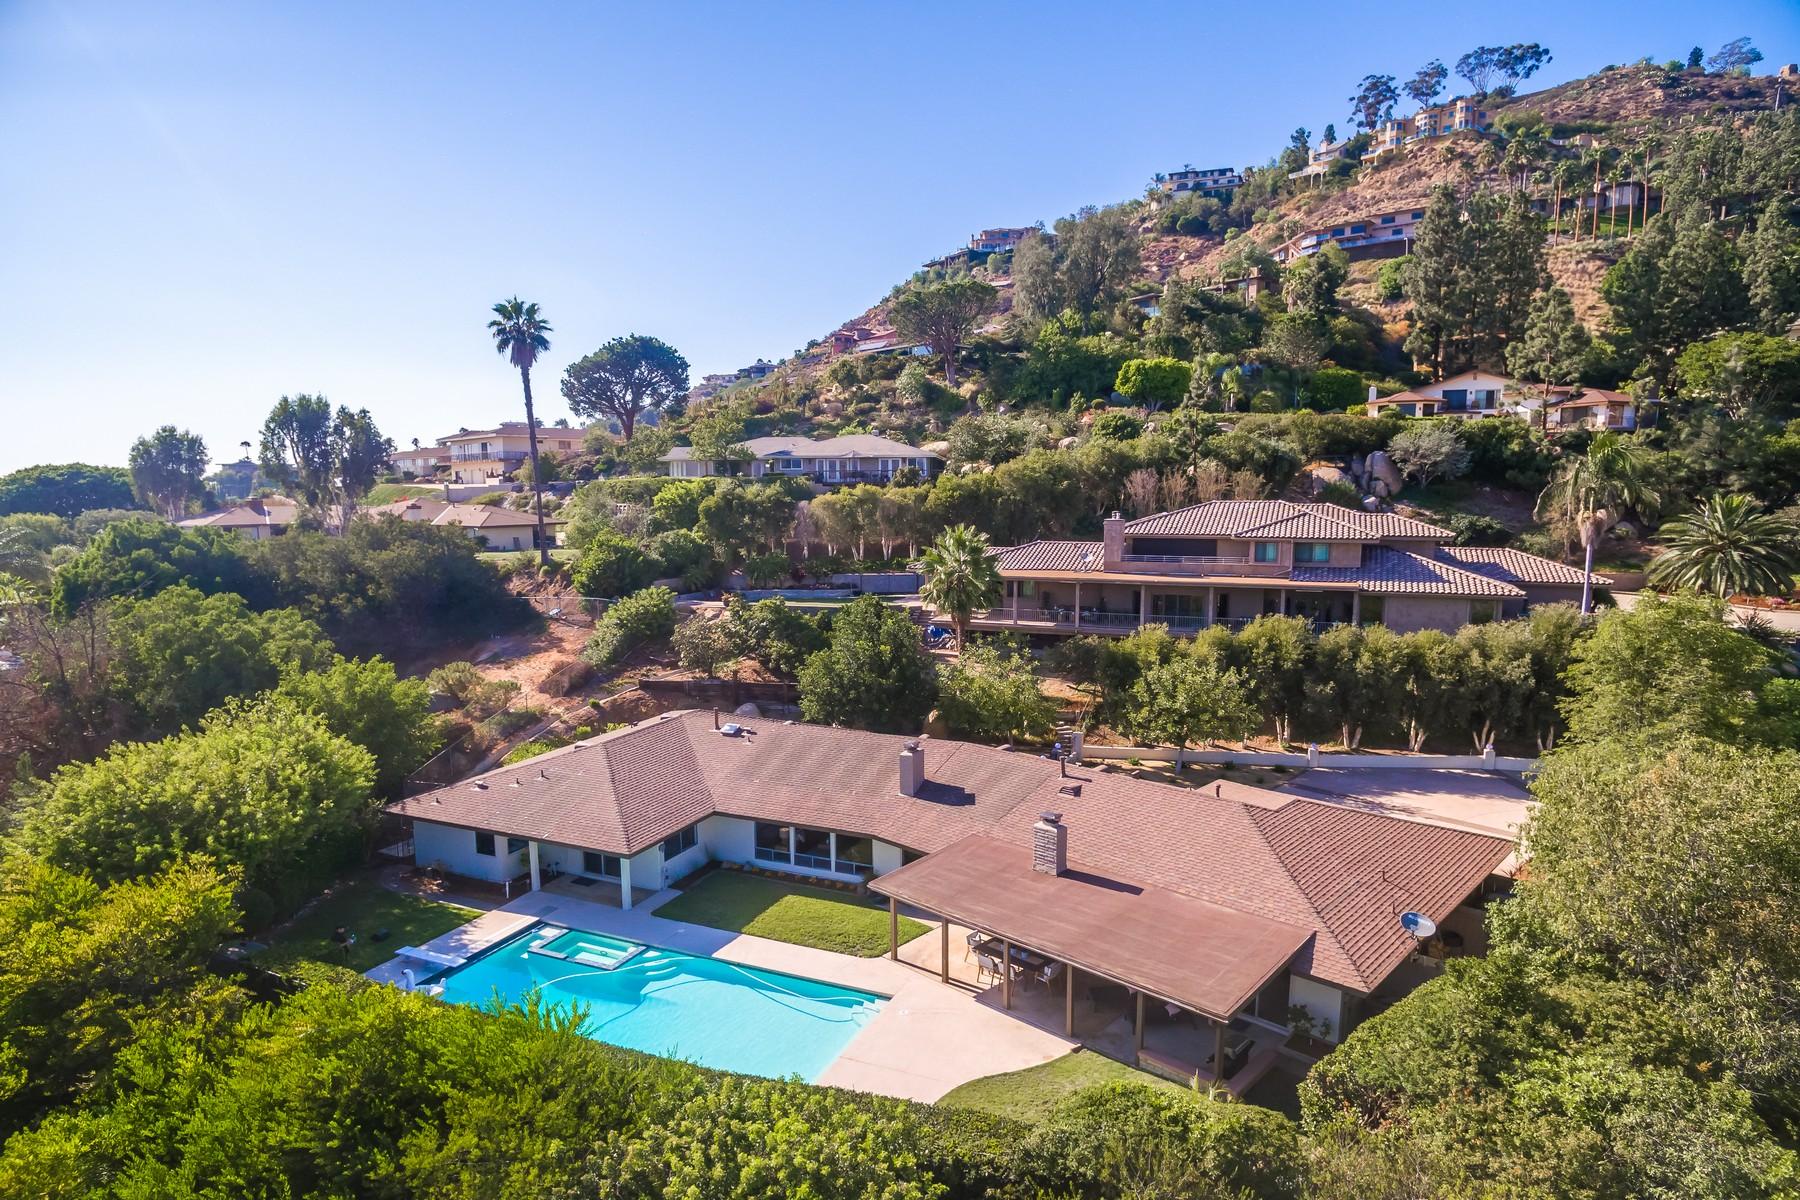 Additional photo for property listing at 4708 Gabriel Way  La Mesa, Калифорния 91941 Соединенные Штаты